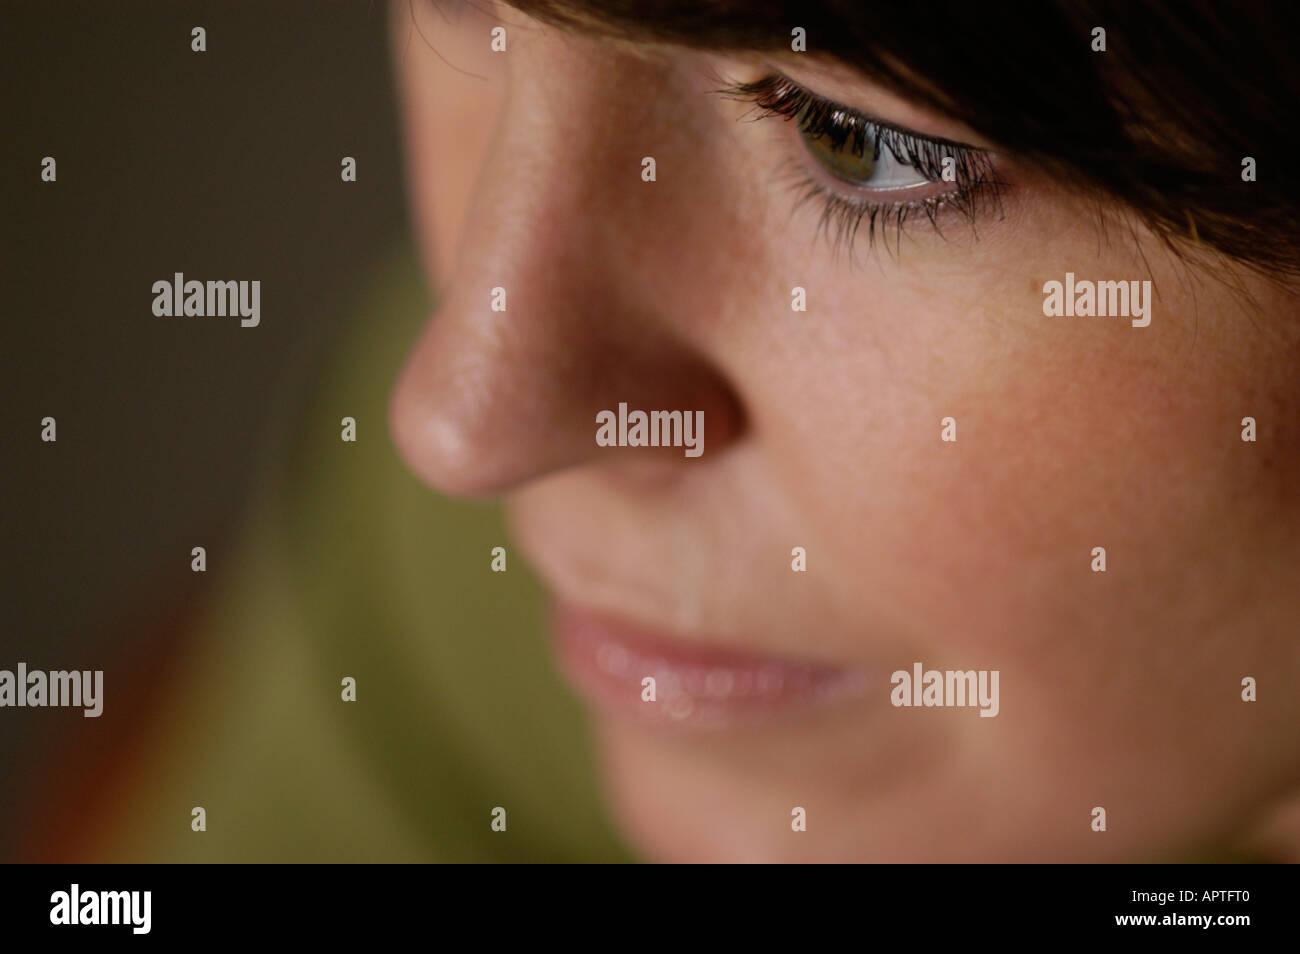 Nahaufnahme des Gesichts eine weiße Frau in ihren frühen dreißiger Jahren. Konzentration auf ihr Auge, wie sie von der Kamera Weg sieht Stockbild